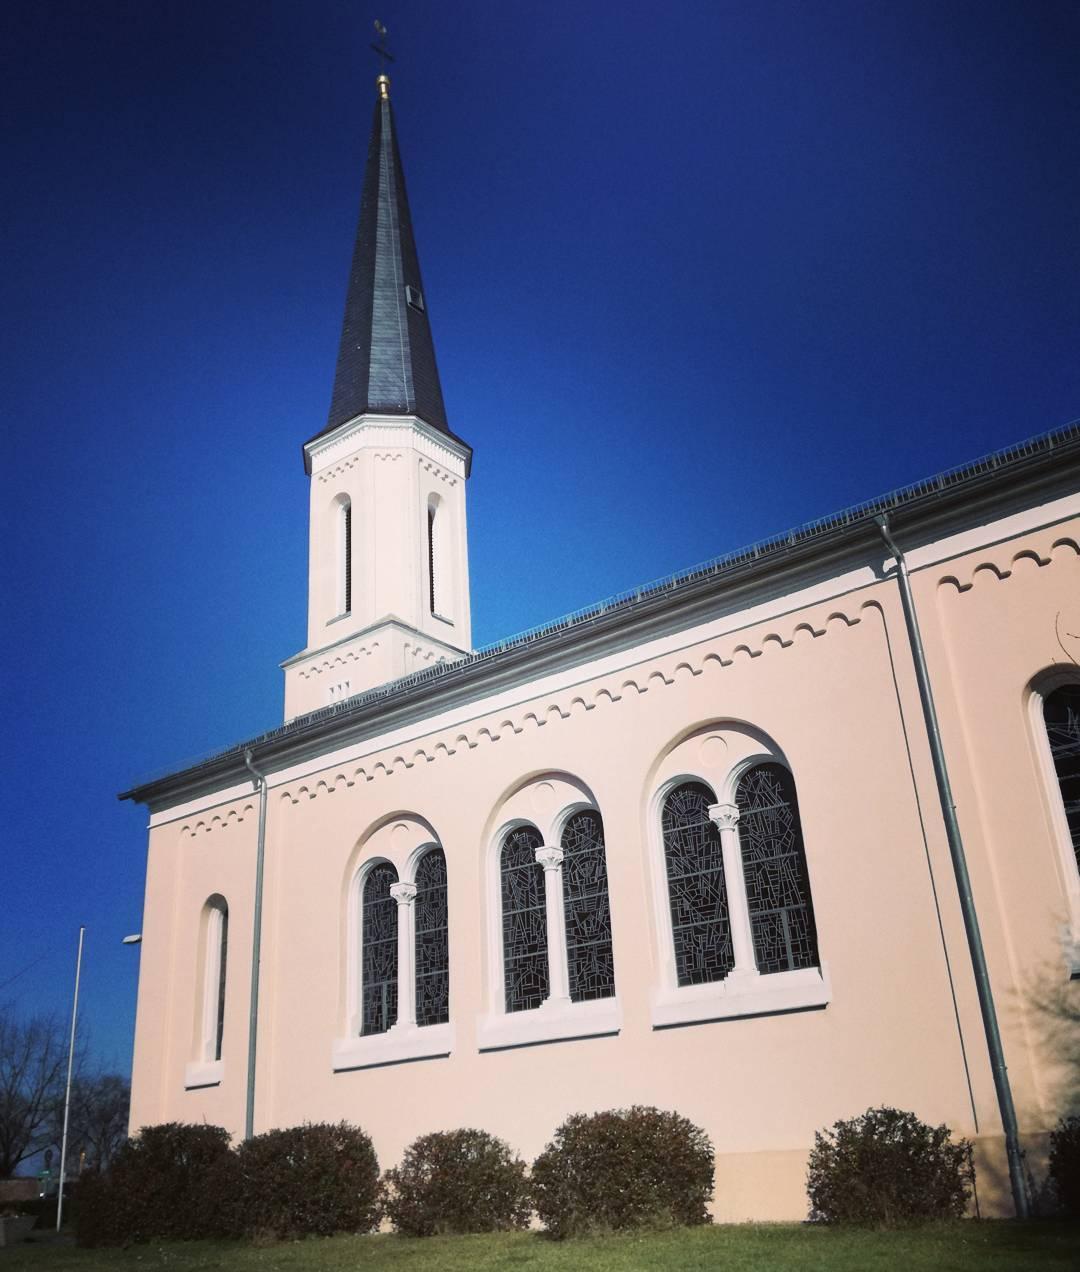 Die evangelische Kirche stellt hier einen Kontrast zum strahlend blauen Himmel dar, den ich einfach festhalten müsste. Bei diesem Wetter frieren mir immer wieder fast die Finger ab, wenn ich Fotos knipse, trotzdem jedes mal schön